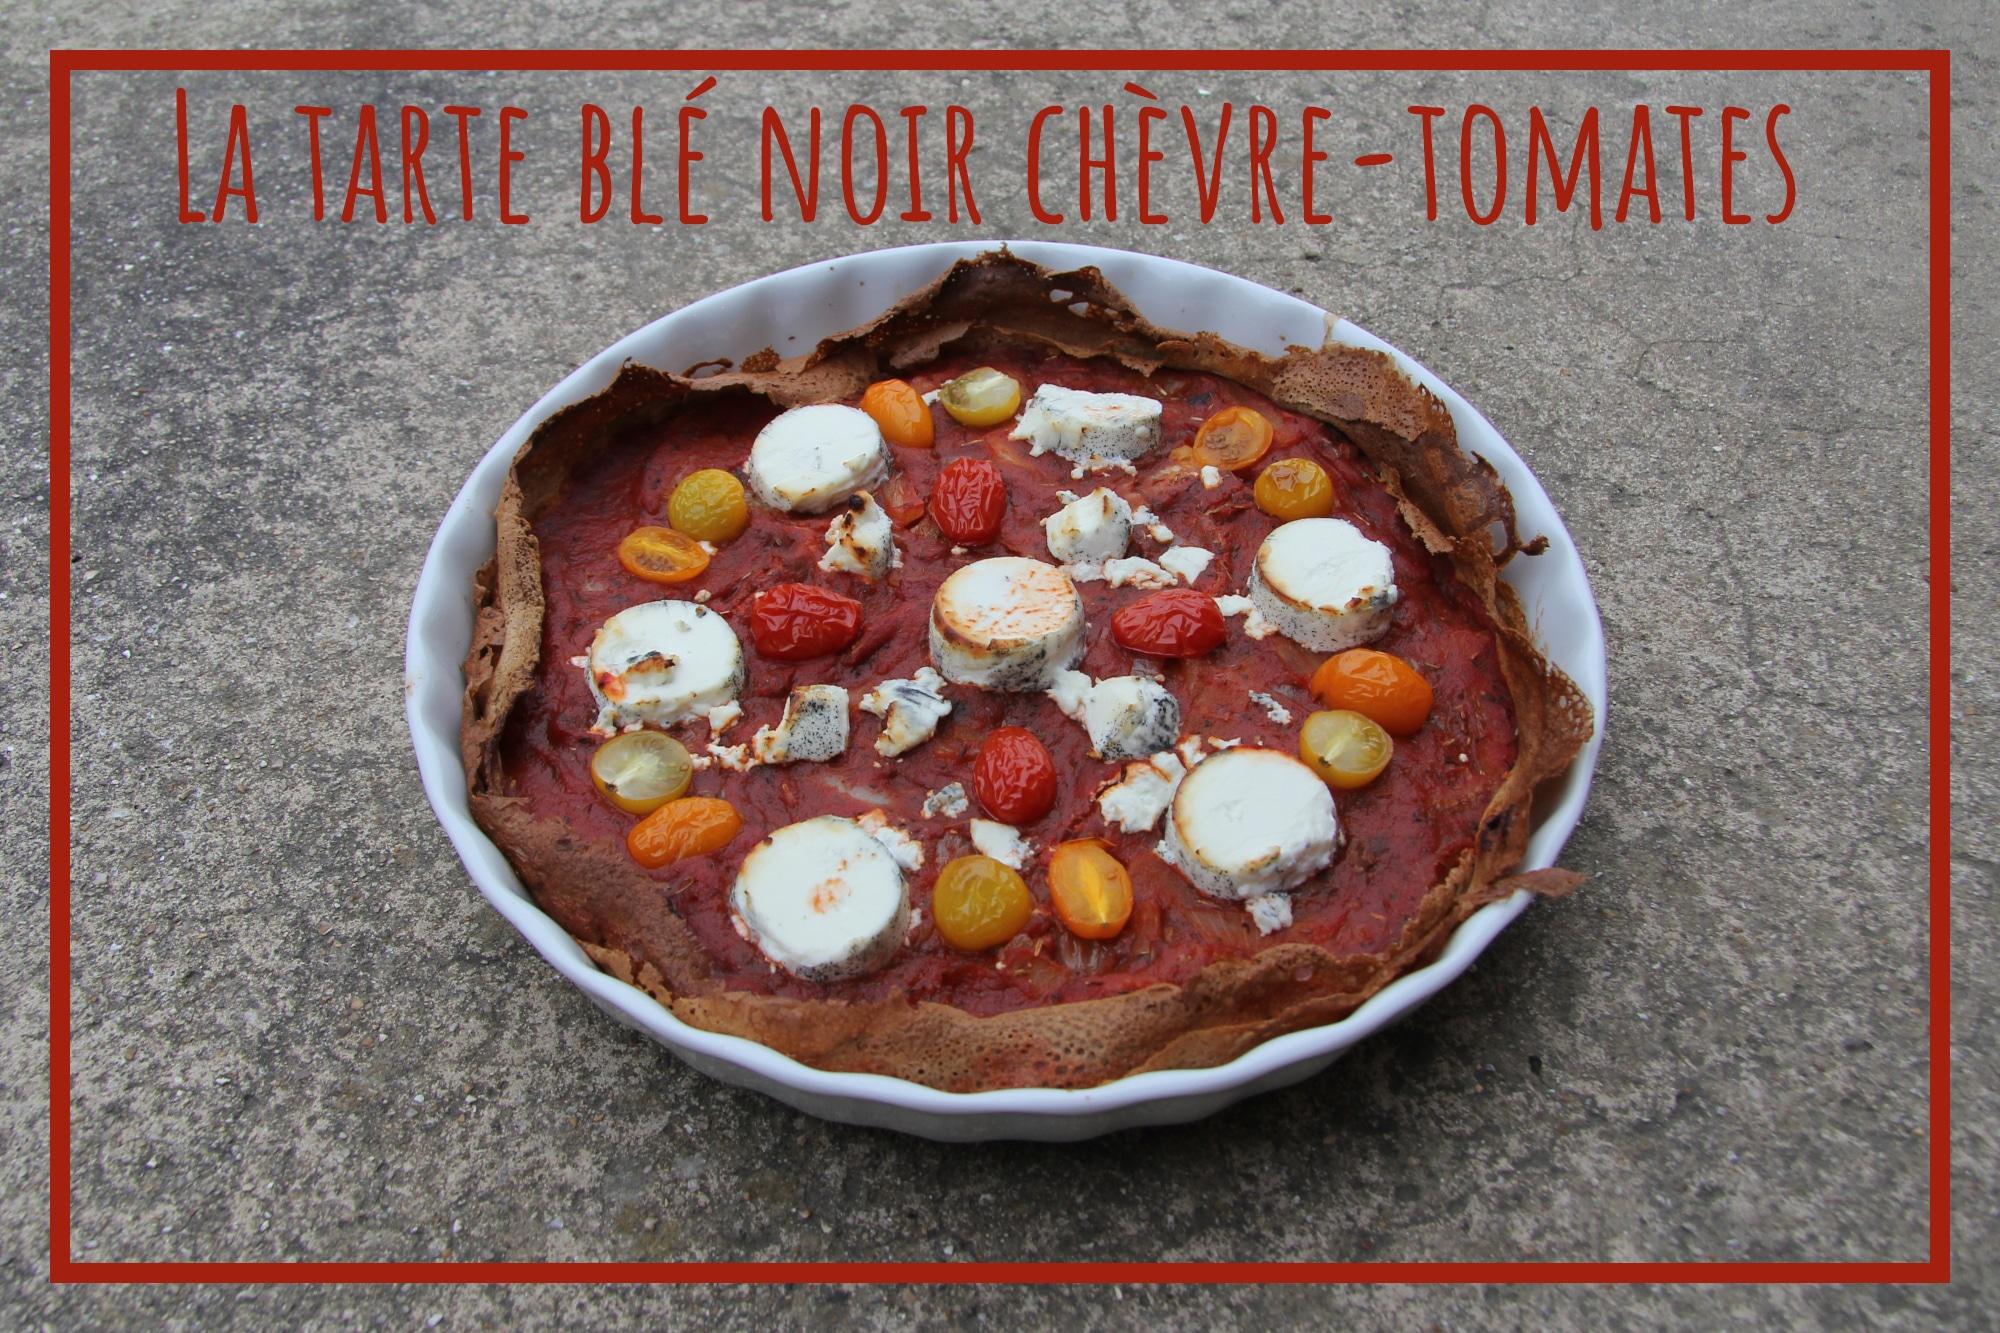 You are currently viewing La tarte de crêpes blé noir chèvre-tomates